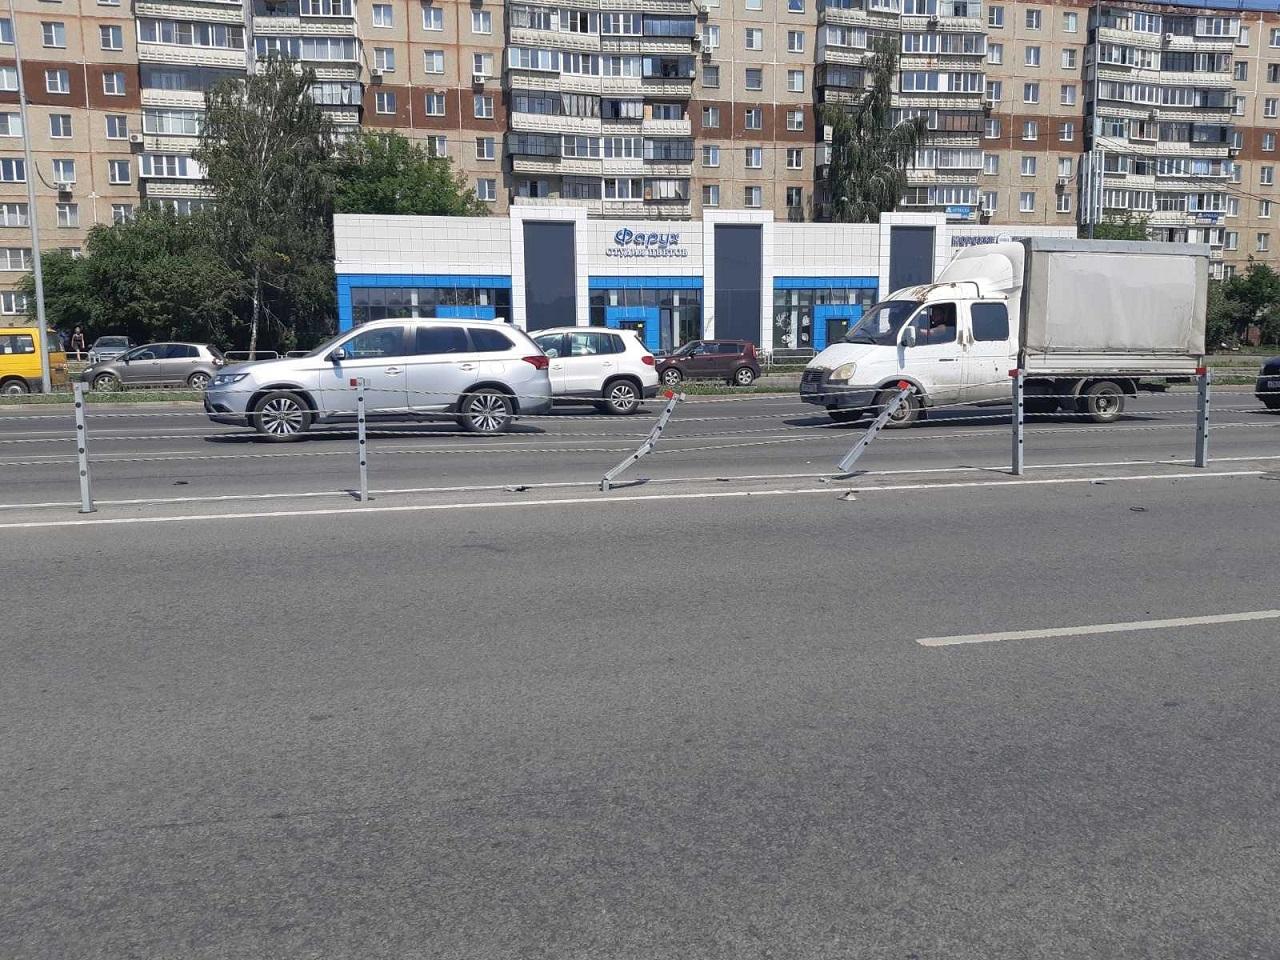 Пострадала девушка: иномарка врезалась в разделительные тросы в Челябинске